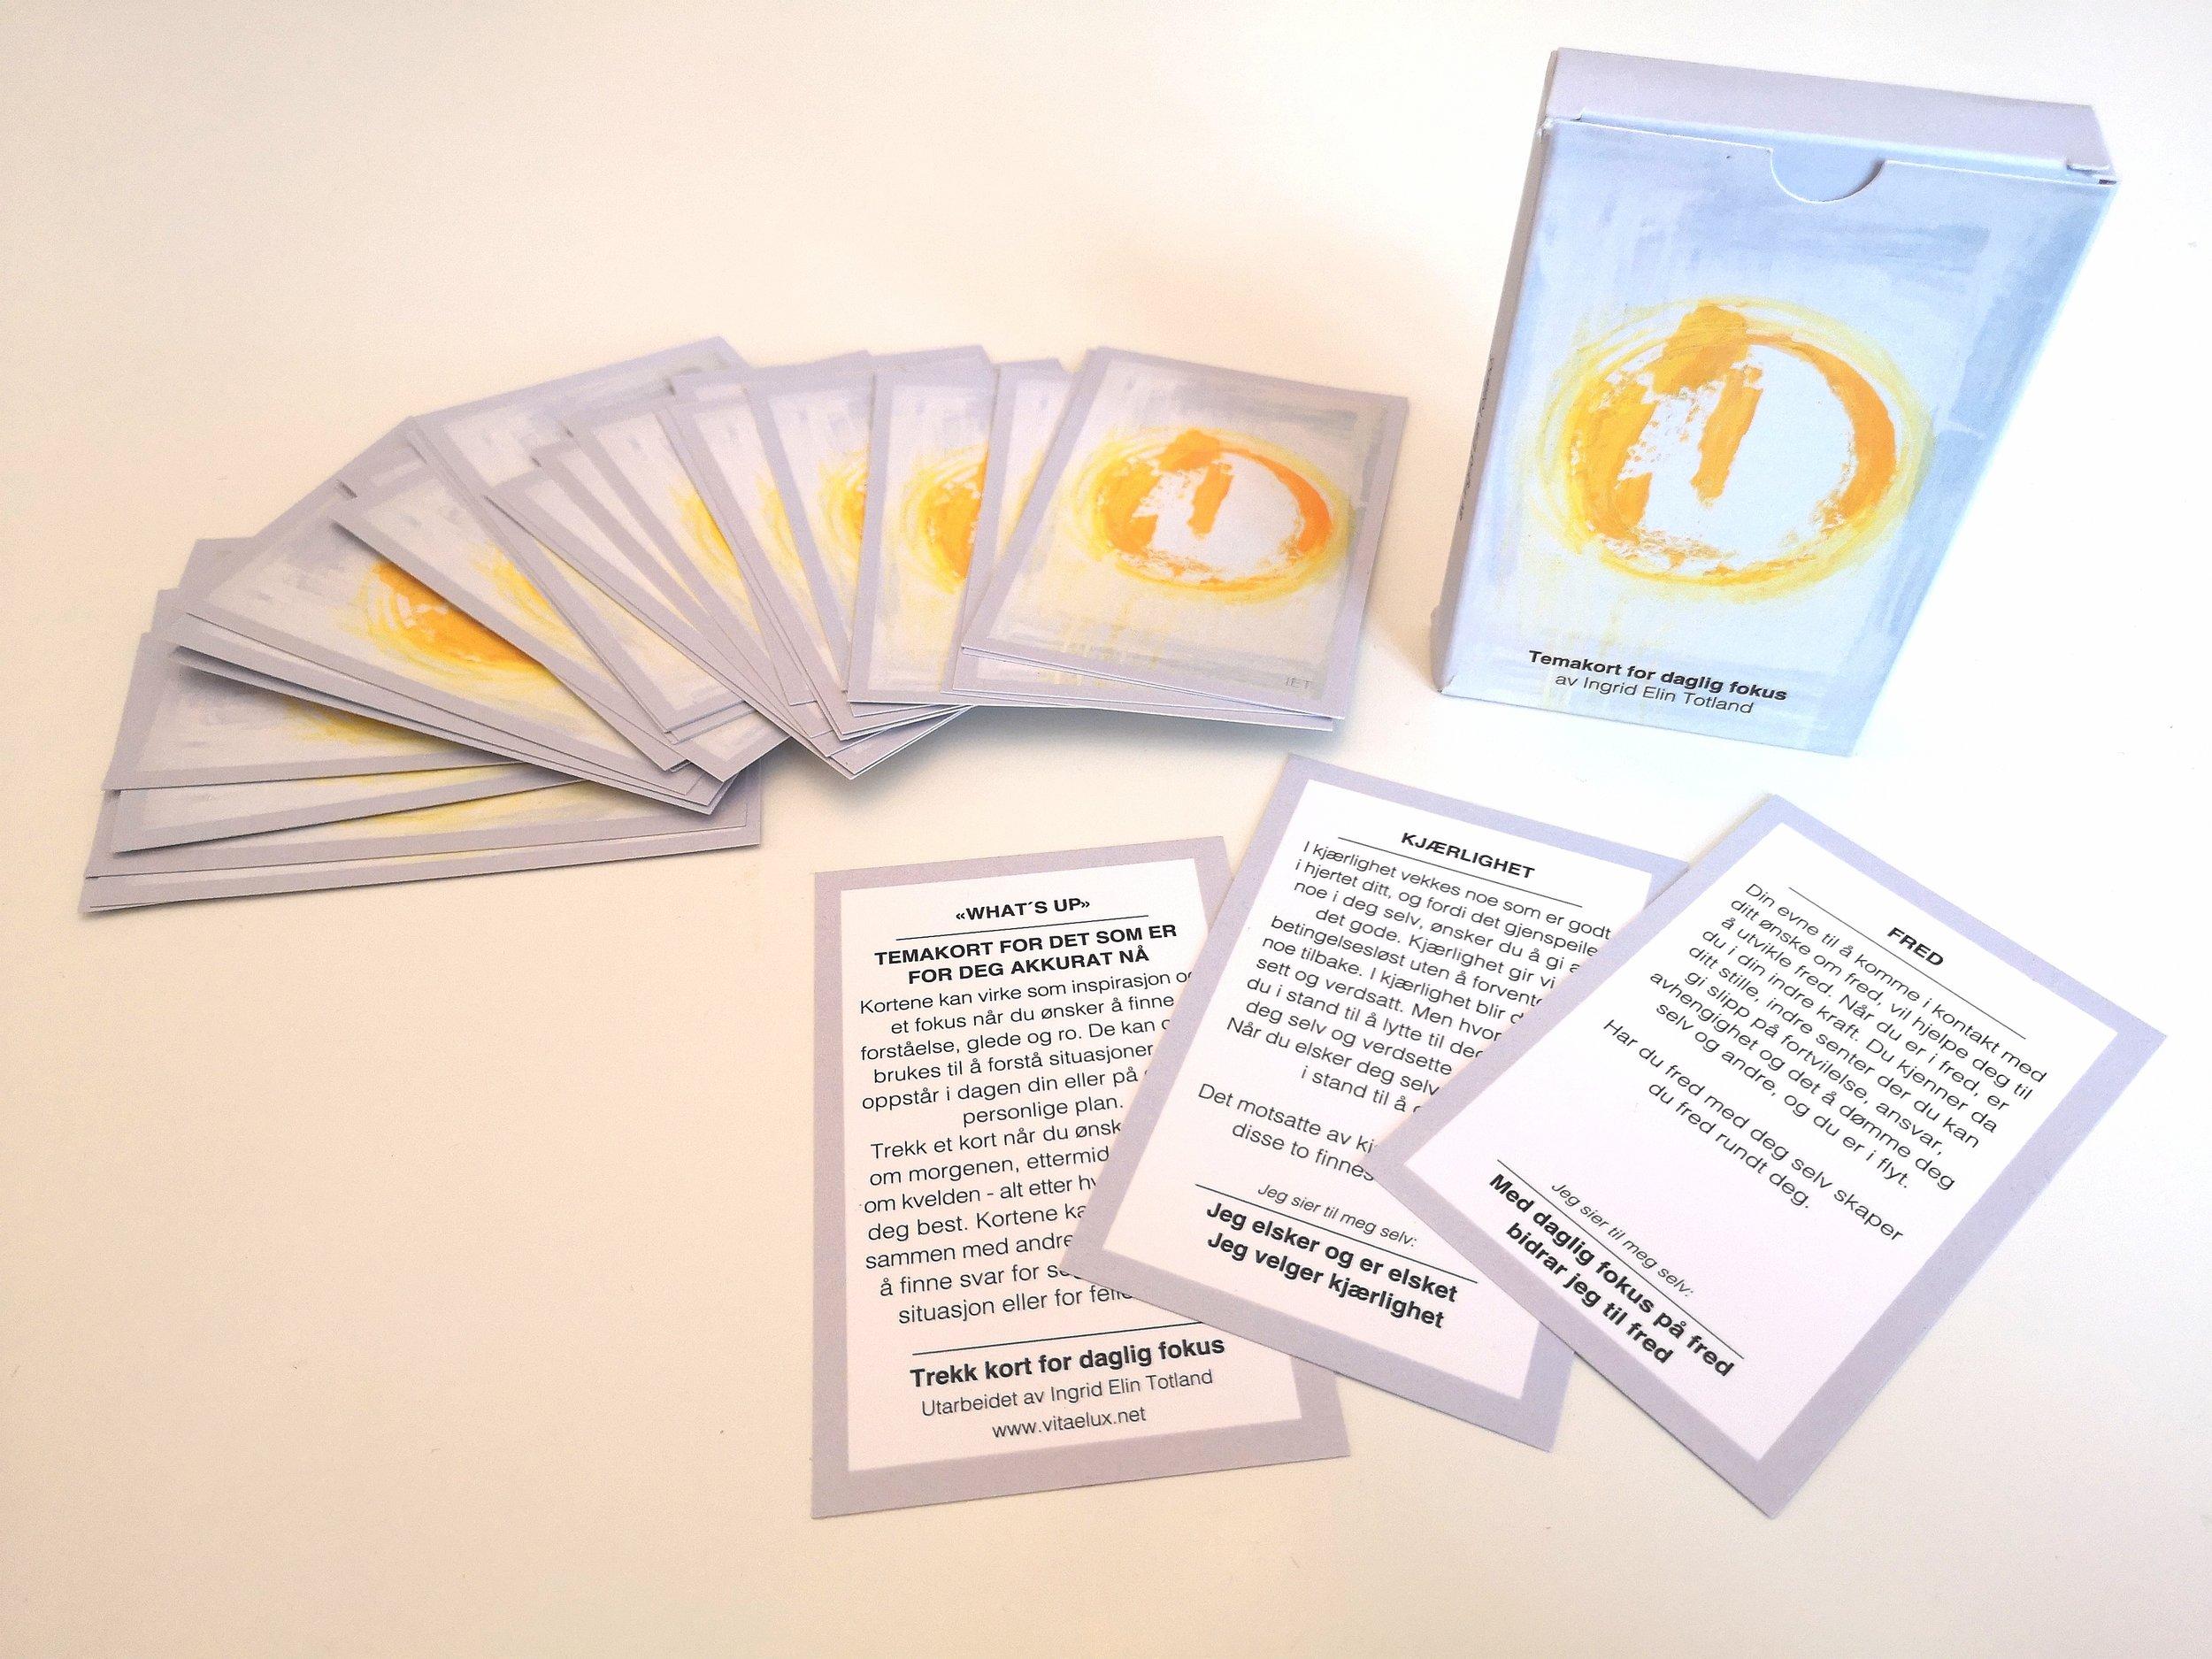 - TEMAKORT/WHAT`S UP- FOR DET SOM ER FOR DEG AKKURAT NÅ«Kortene kan virke som inspirasjon og et fokus når du ønsker å finne forståelse, glede og ro. De kan også brukes til å forstå situasjoner som oppstår i dagen din eller på det helt personlige plan. Trekk et kort når du ønsker, gjerne om morgenen, ettermiddagen eller kvelden - alt etter hva som passer deg best. Kortene kan også brukes sammen med andre som også søker å finne svar for seg selv, for egen situasjon eller for fellesskapet»